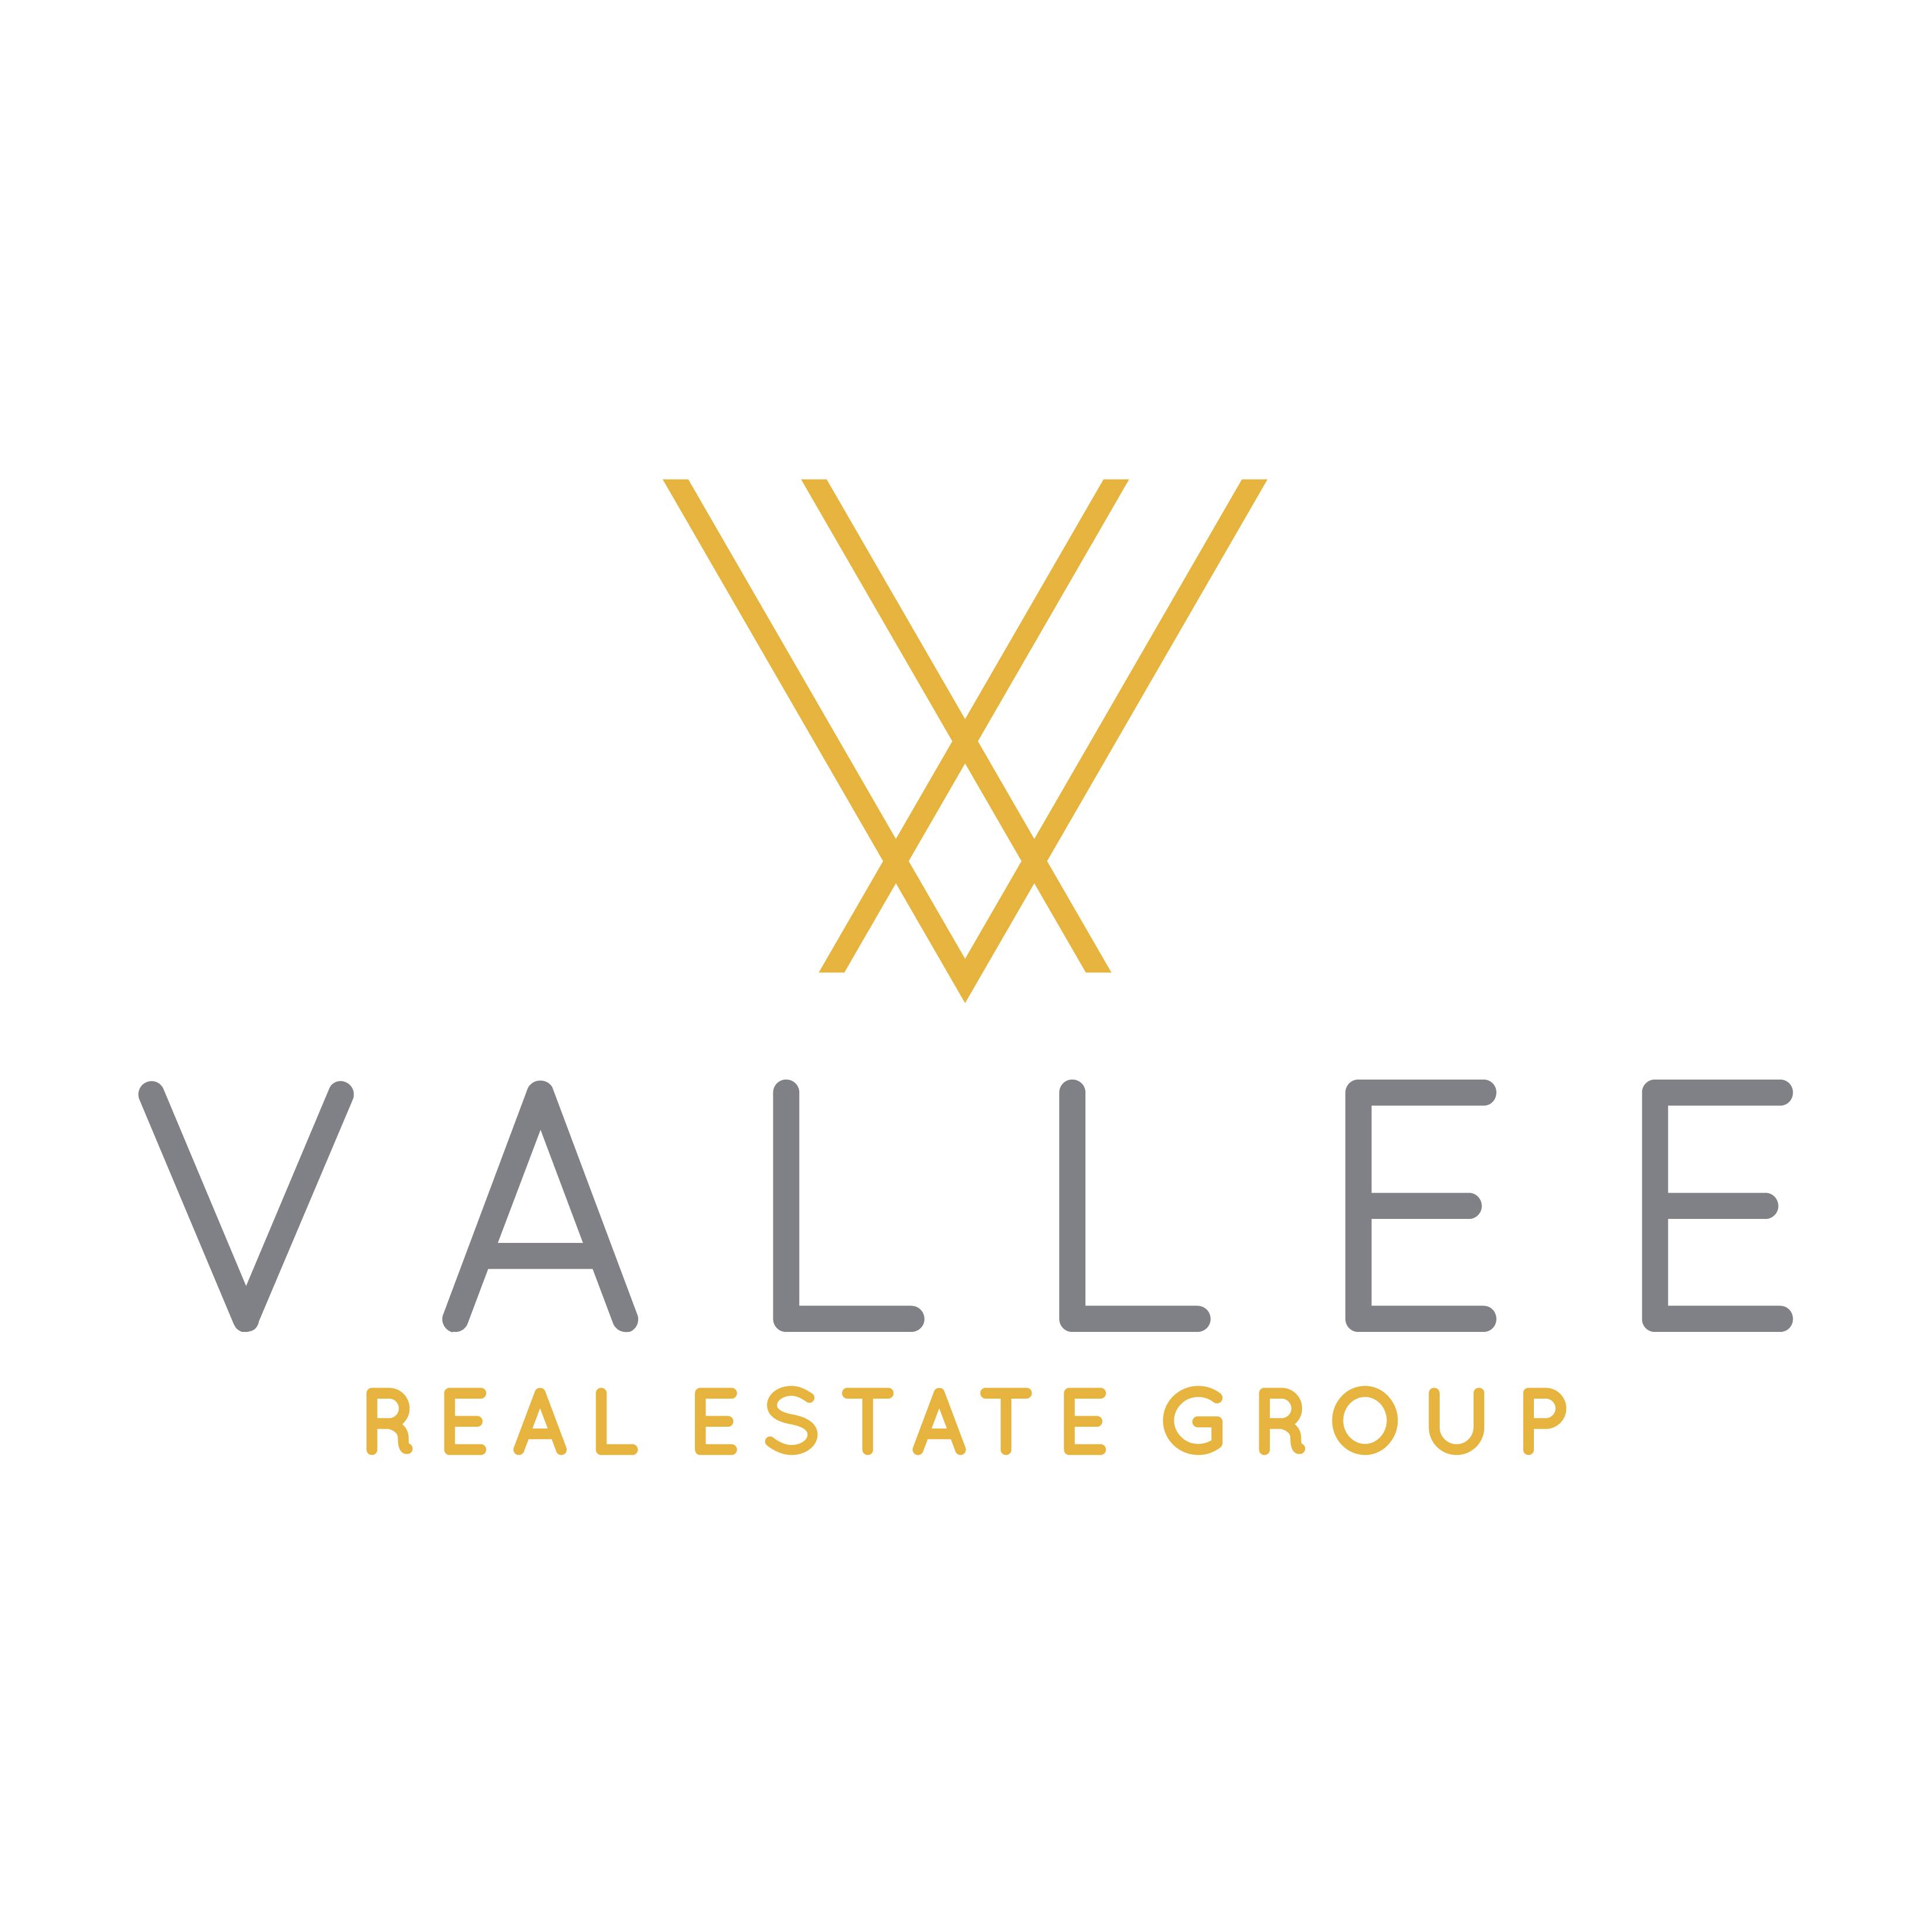 Logo   vreg   rgb   square 02